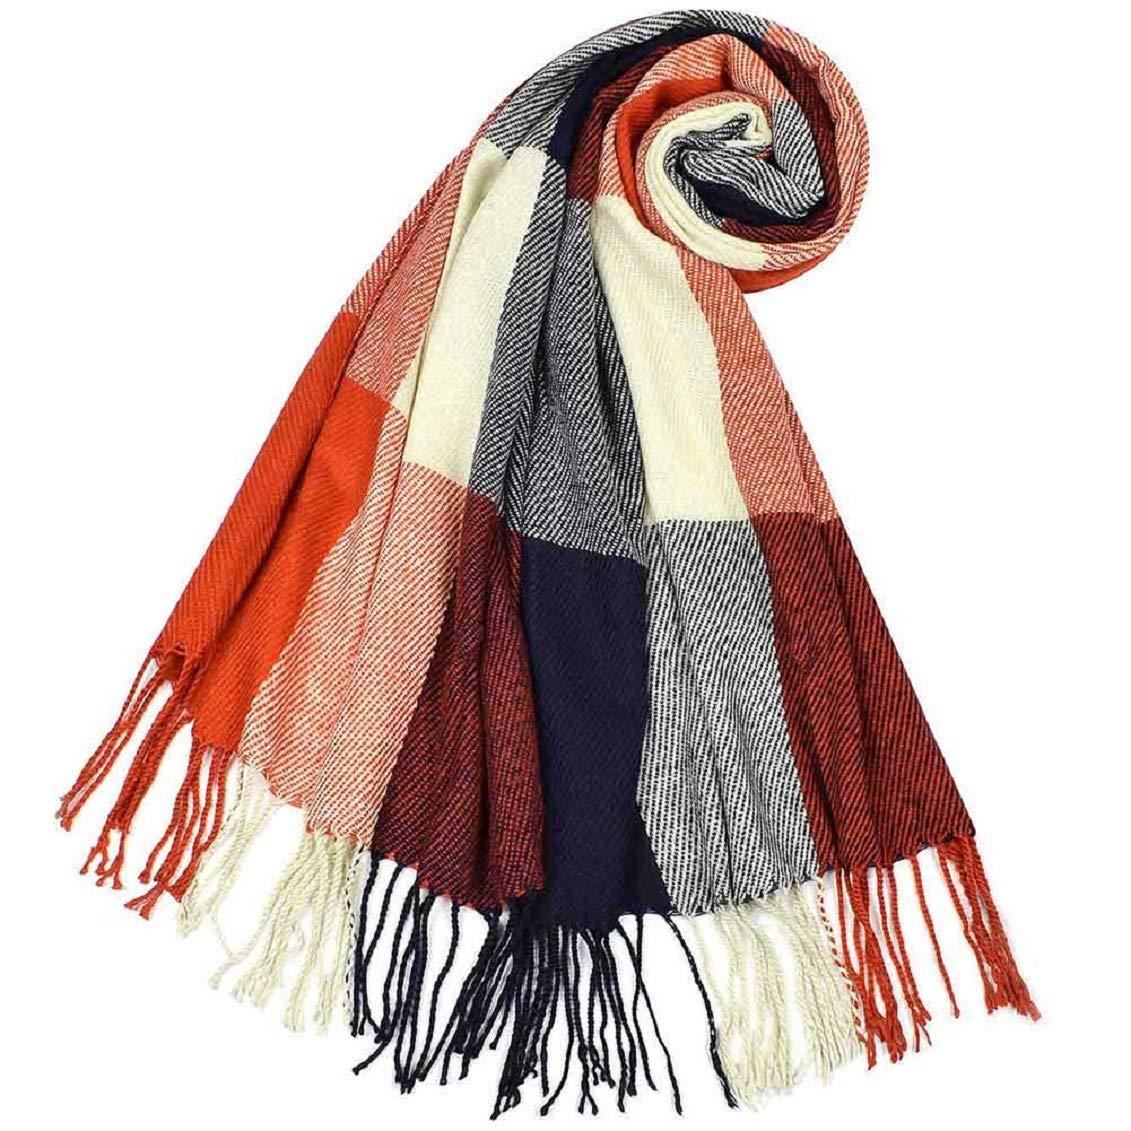 Tuopuda Sciarpa Donna Inverno Caldo Classico Scozzese Sciarpa Multicolore Elegante Scialle Donna Invernale Poncho Stola Donna Invernale